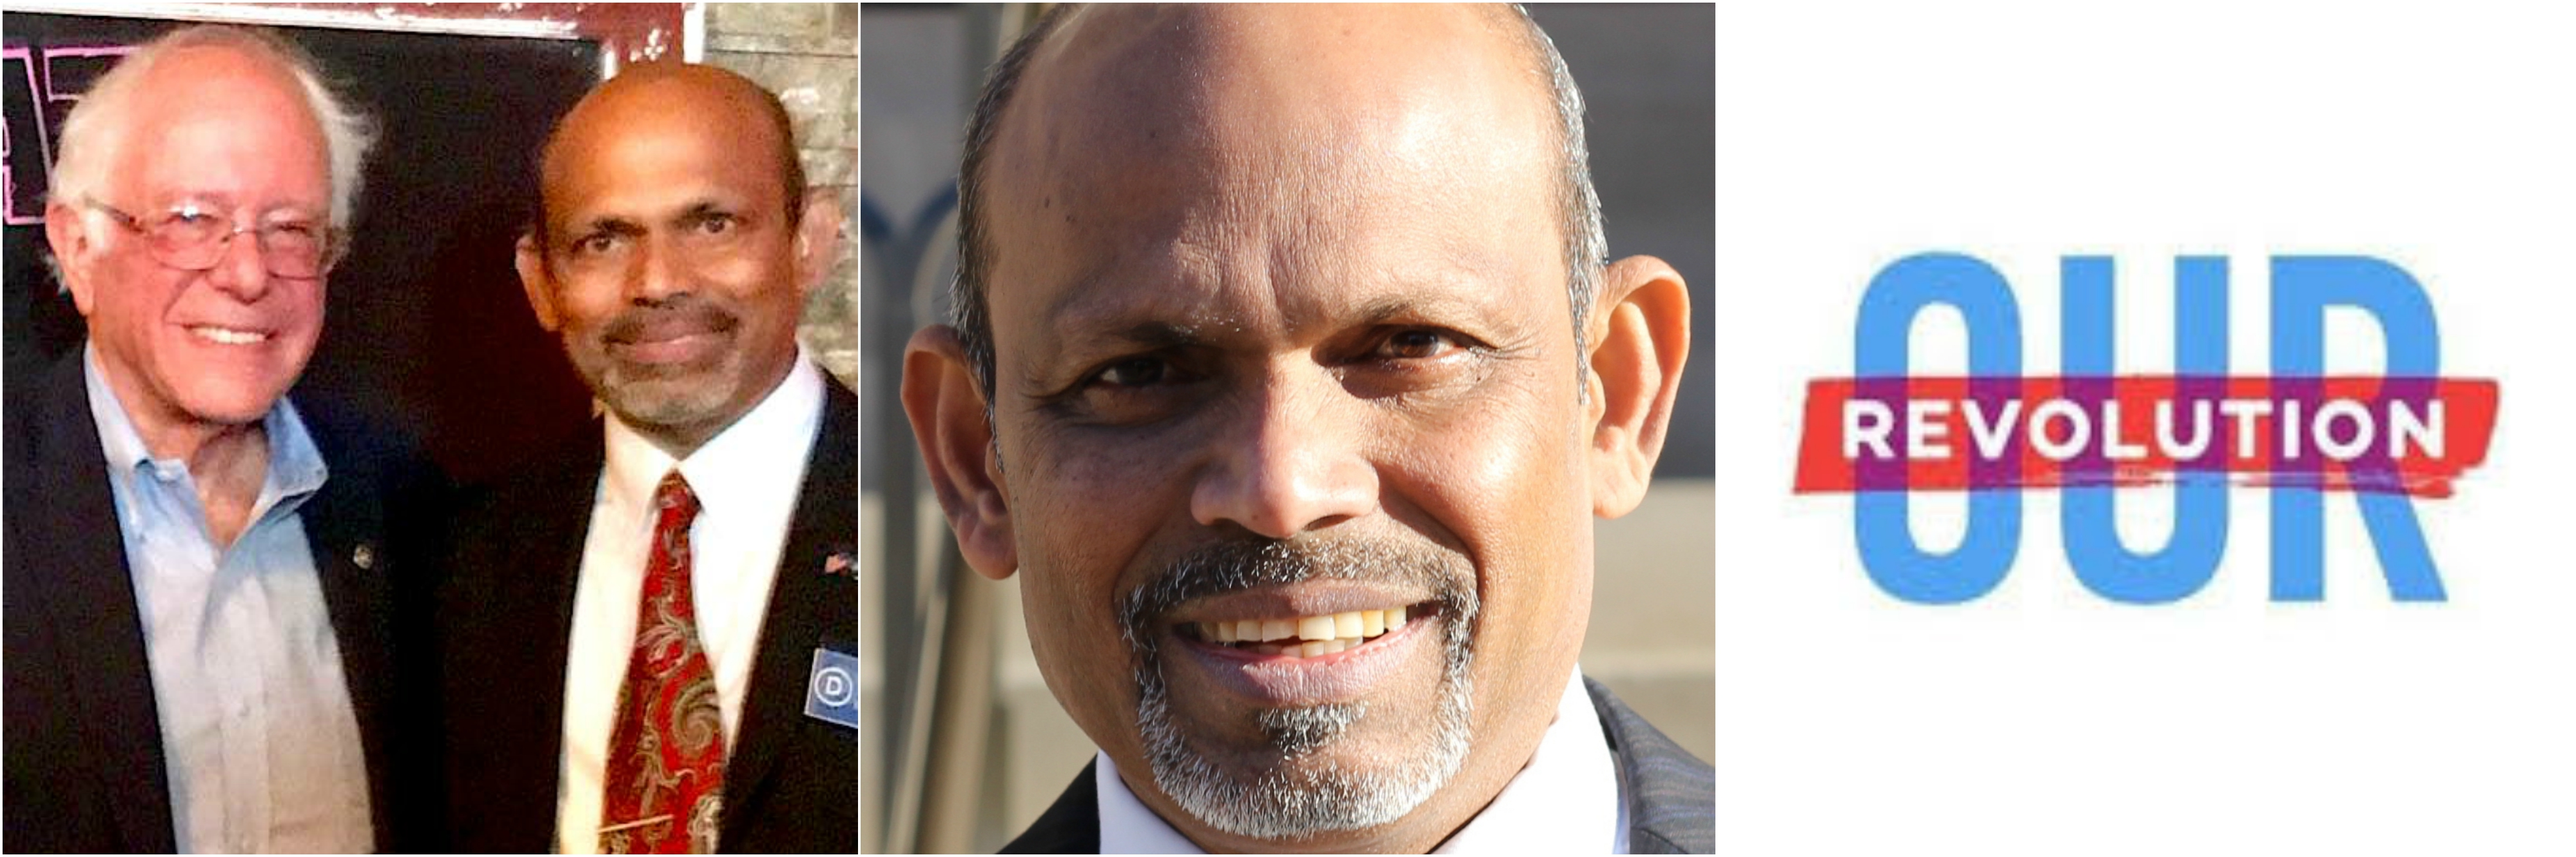 Sheikh Rahman